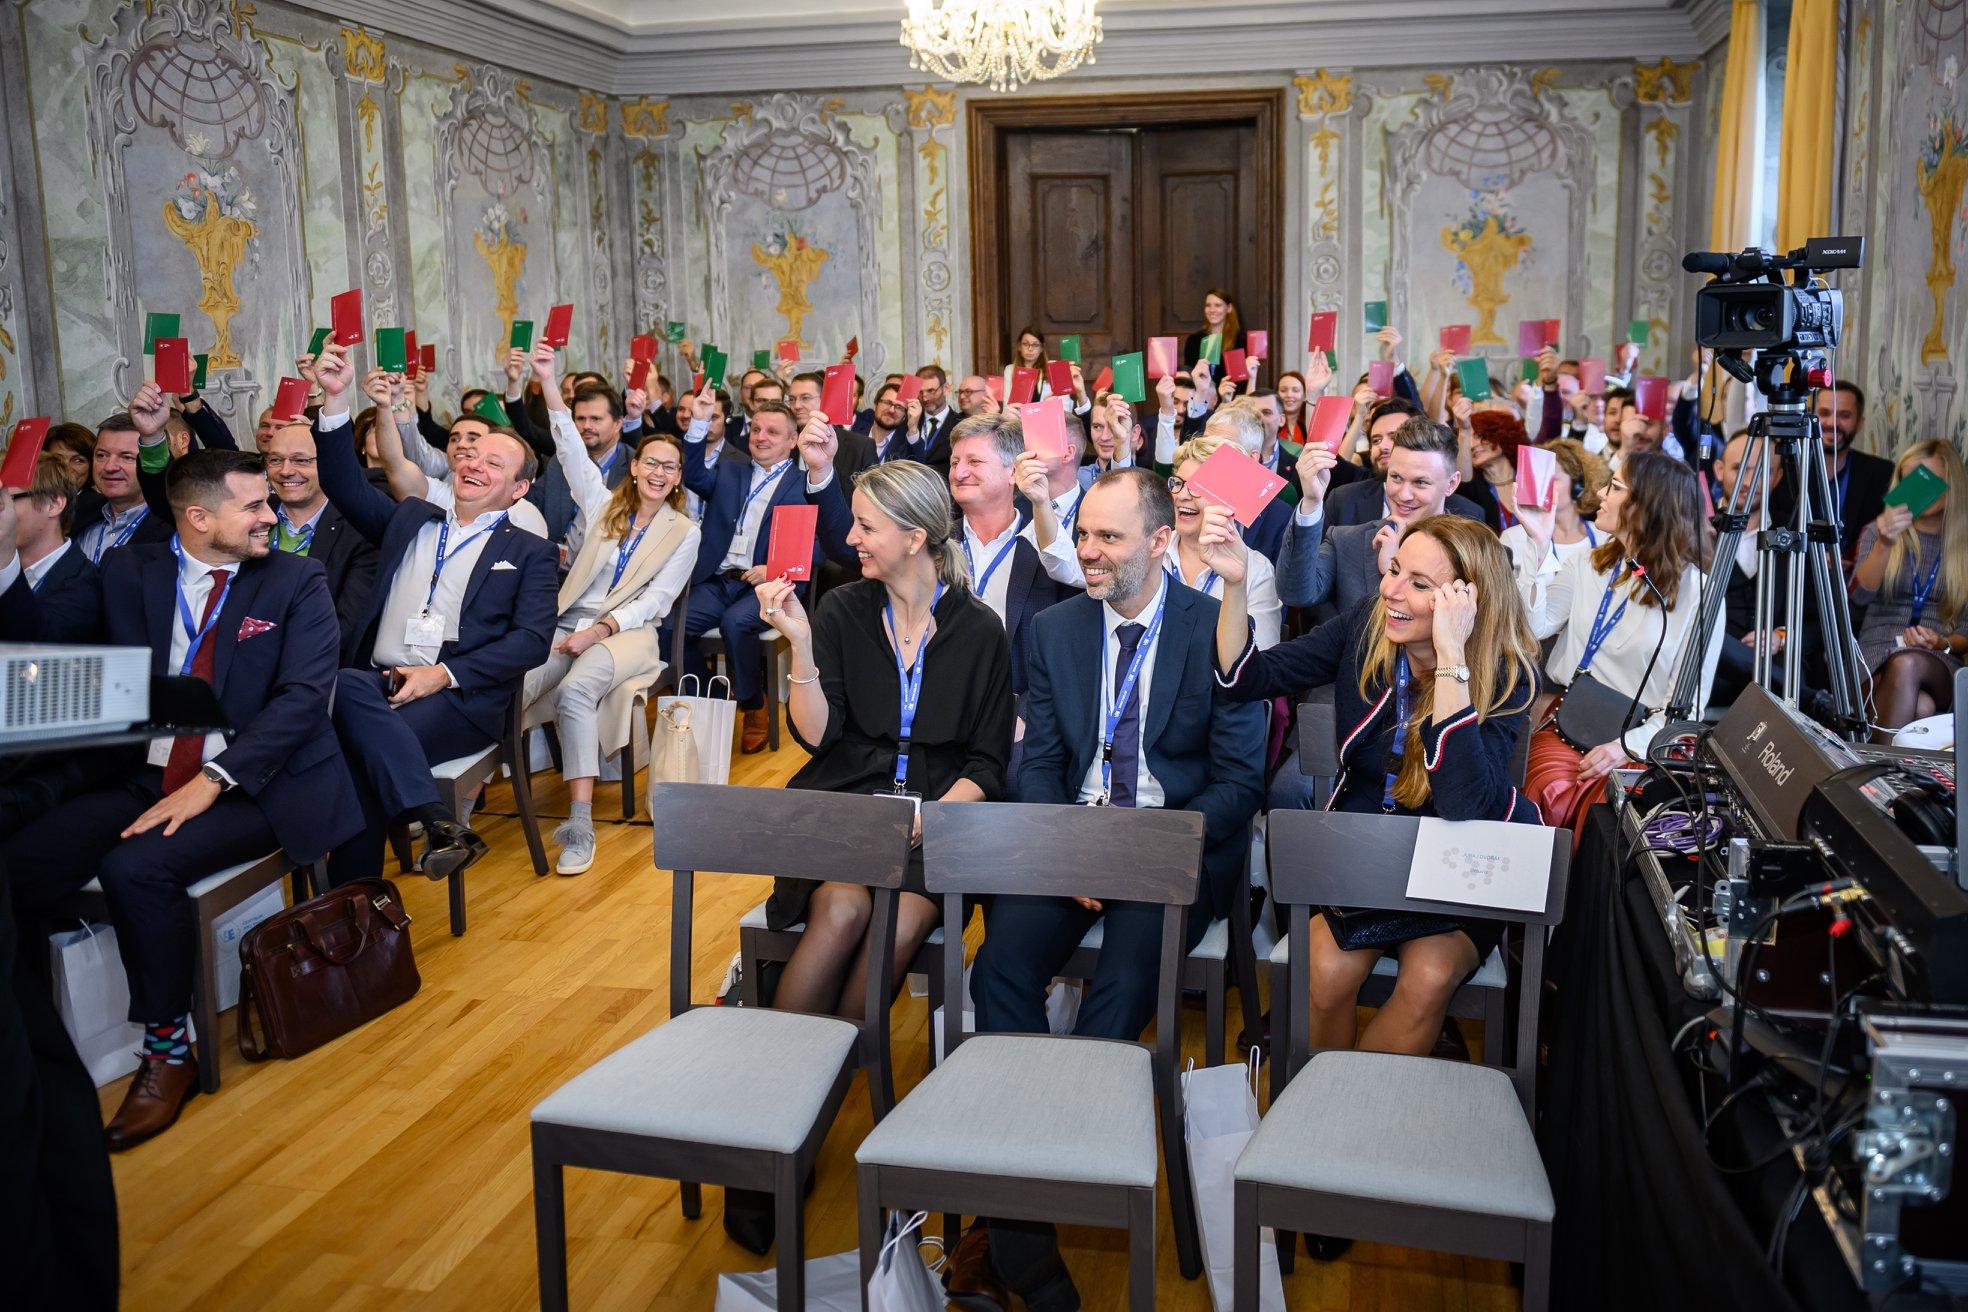 Proběhla úspěšná konference na Zámku Žďár nad Sázavou!